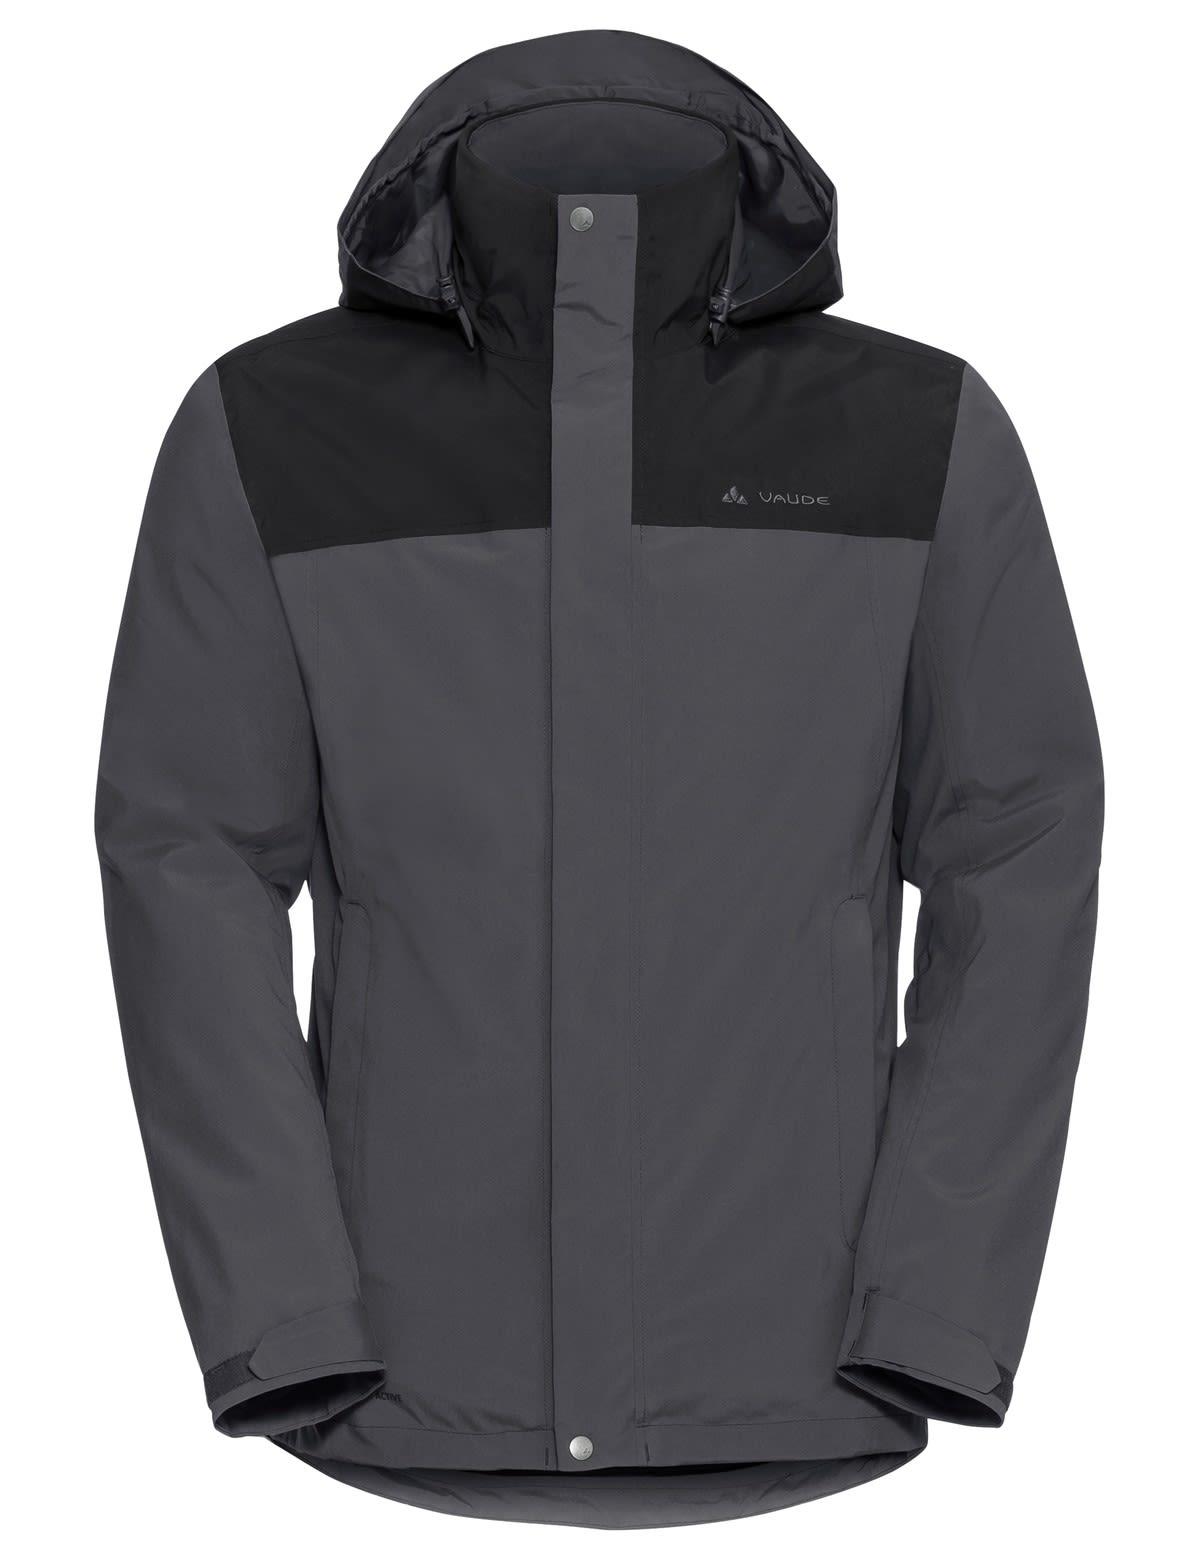 Vaude Kintail 3in1 Jacket III Grau, Male Doppeljacke-3-in-1-Jacke, S